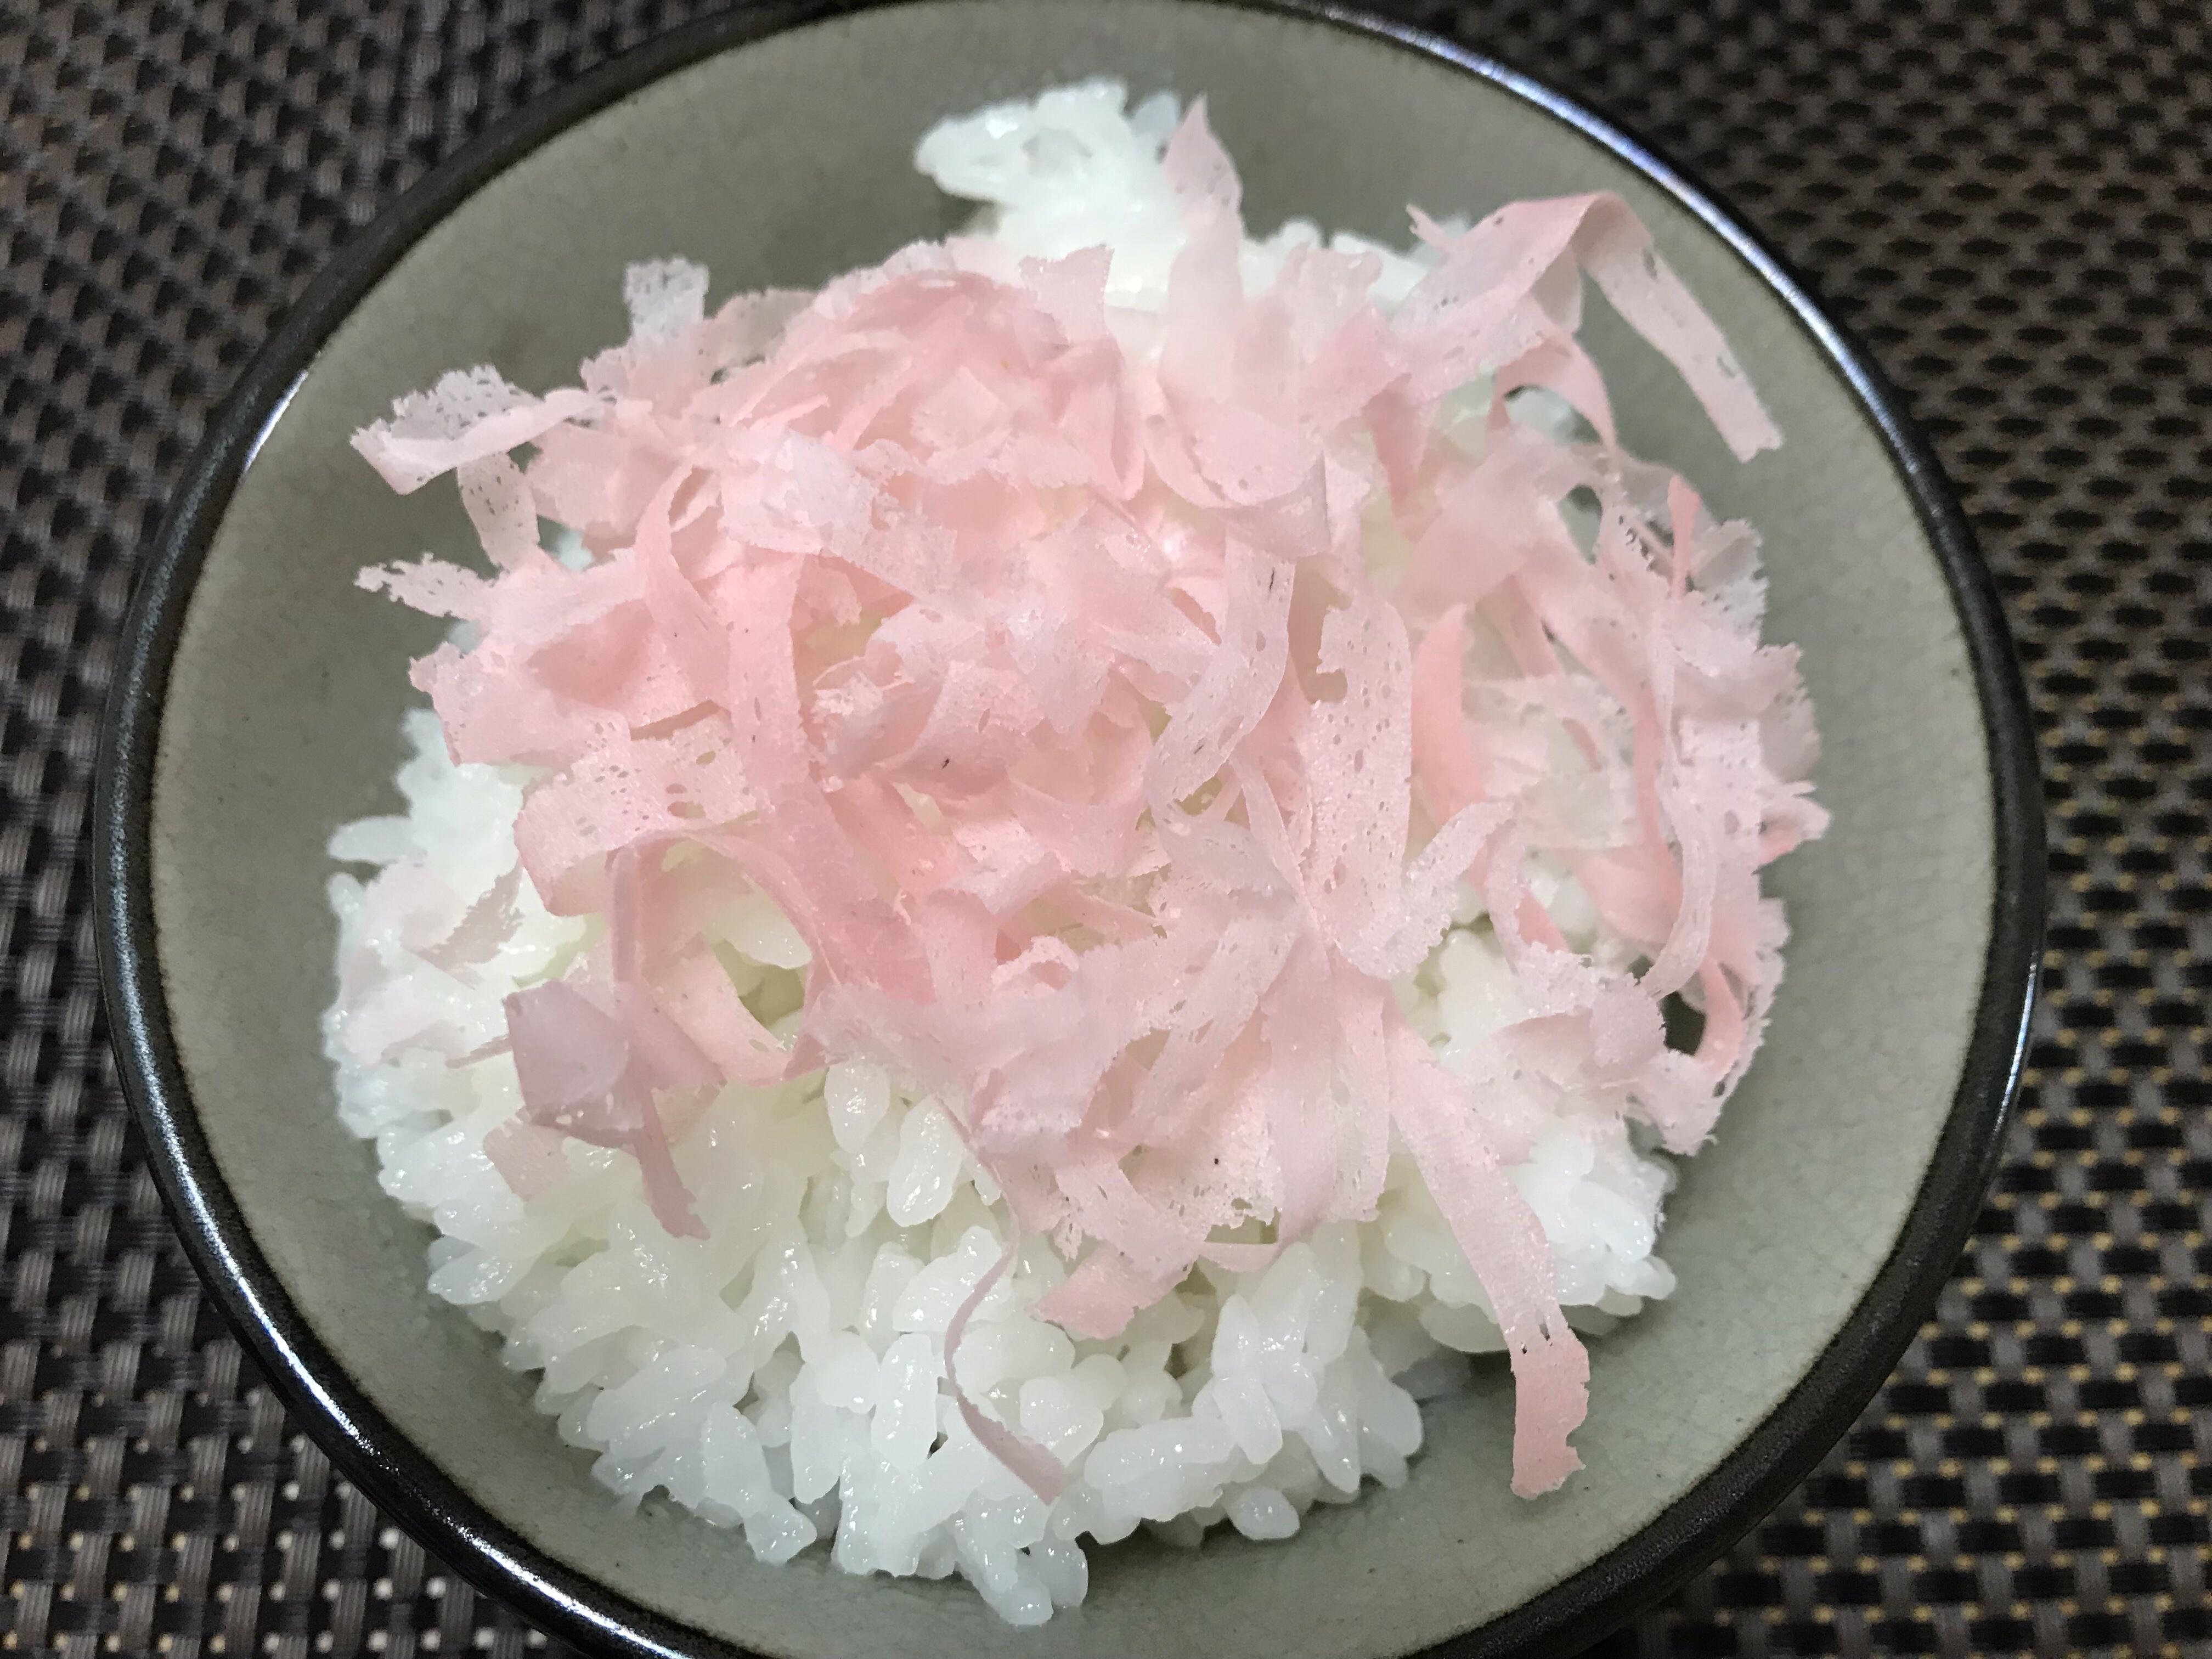 八幡浜ならではのお土産に最適!かまぼこを削って作った「鯛の花(削りかまぼこ)」を実食レビュー!